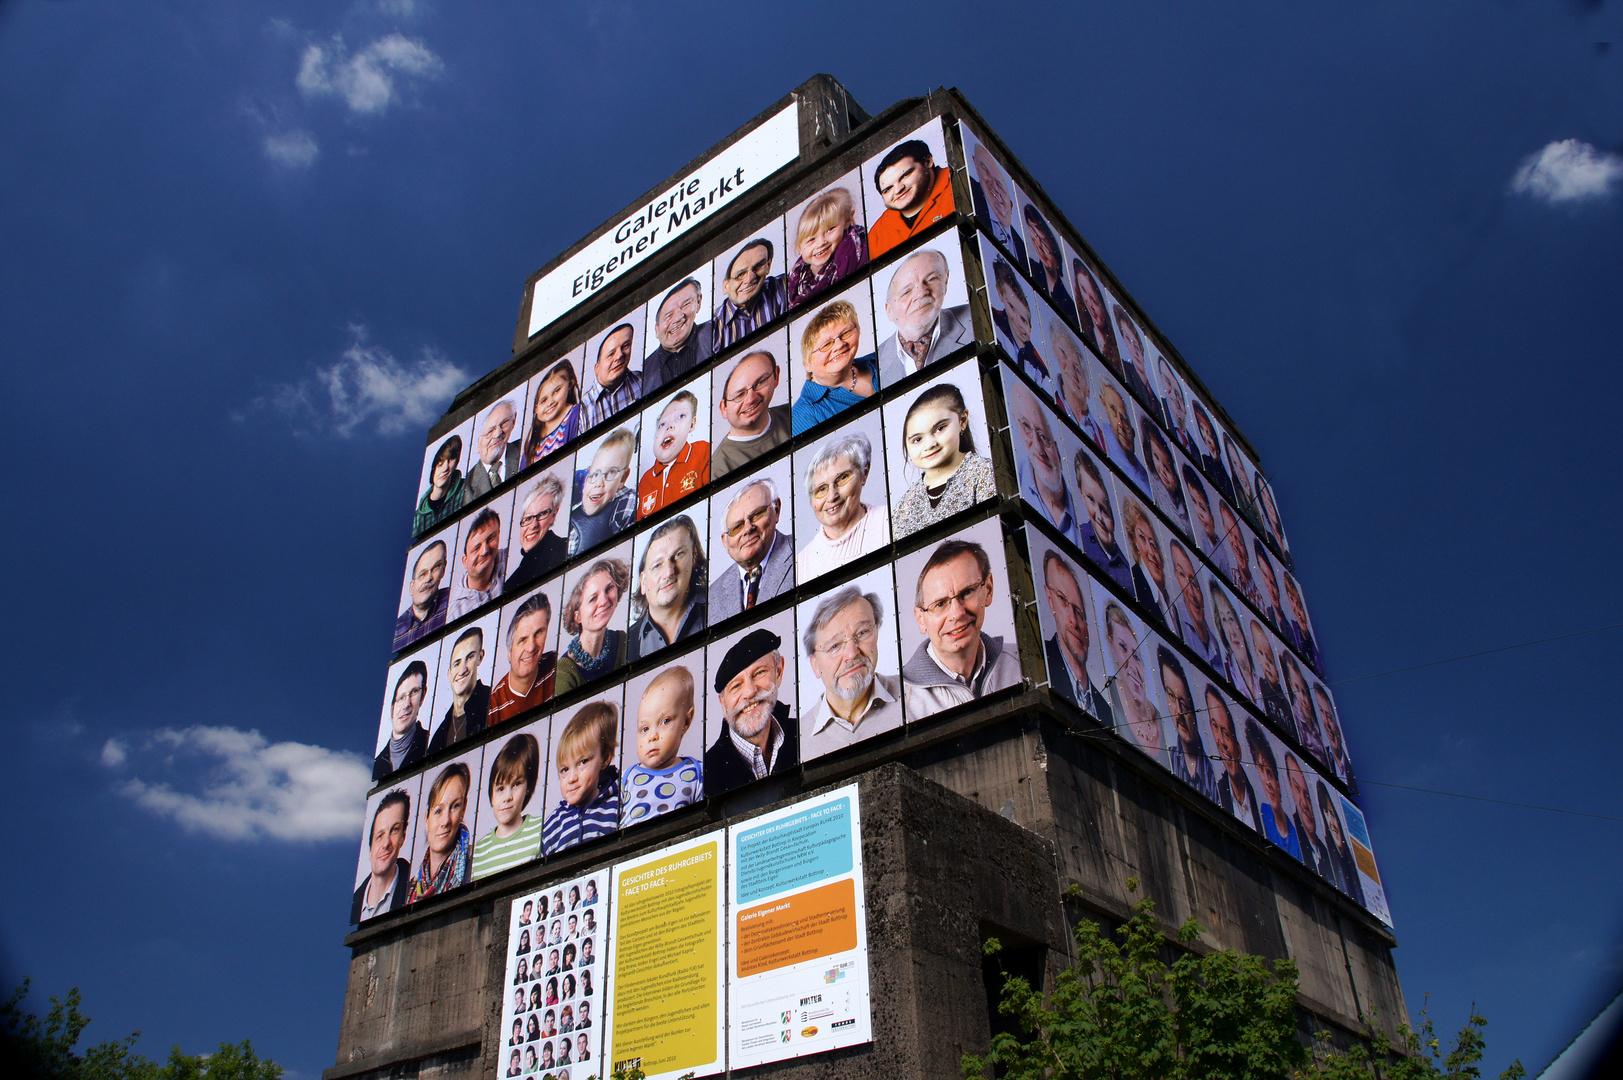 Gesichter des Ruhrgebiets